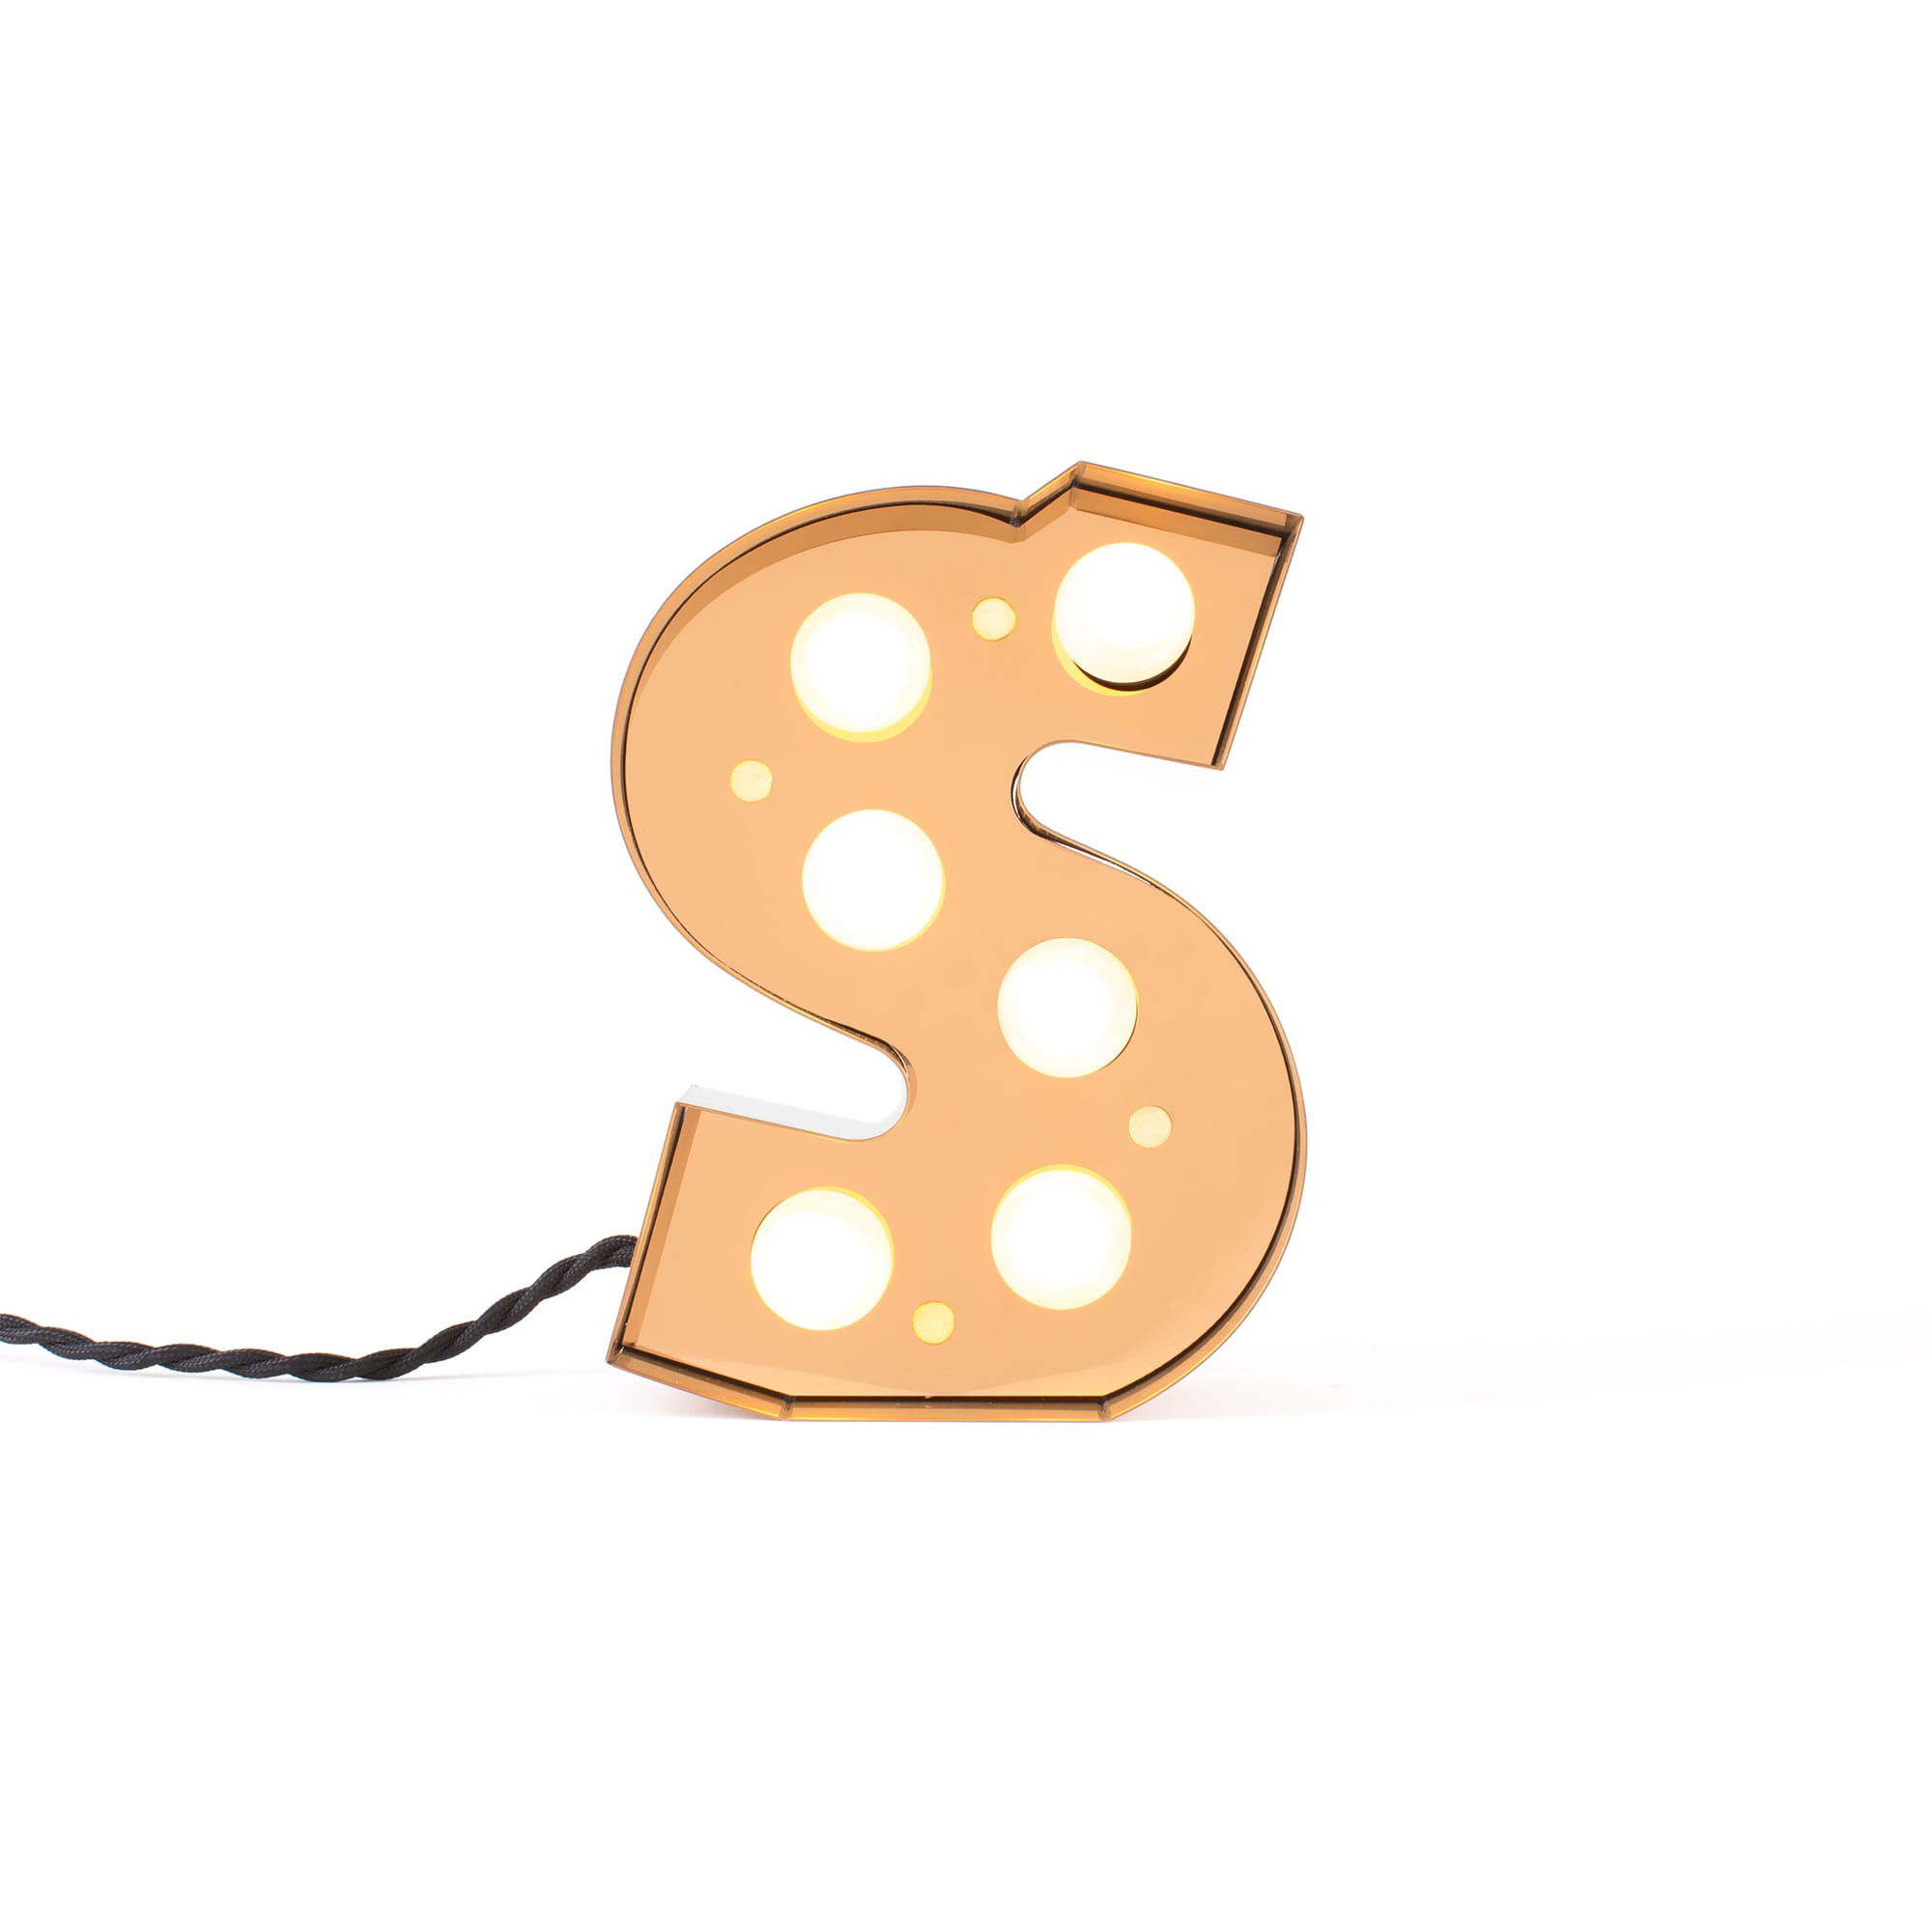 Déco - Pour les enfants - Lampe de table Caractère / Applique - Lettre S - H 20 cm - Seletti - S - Métal laqué